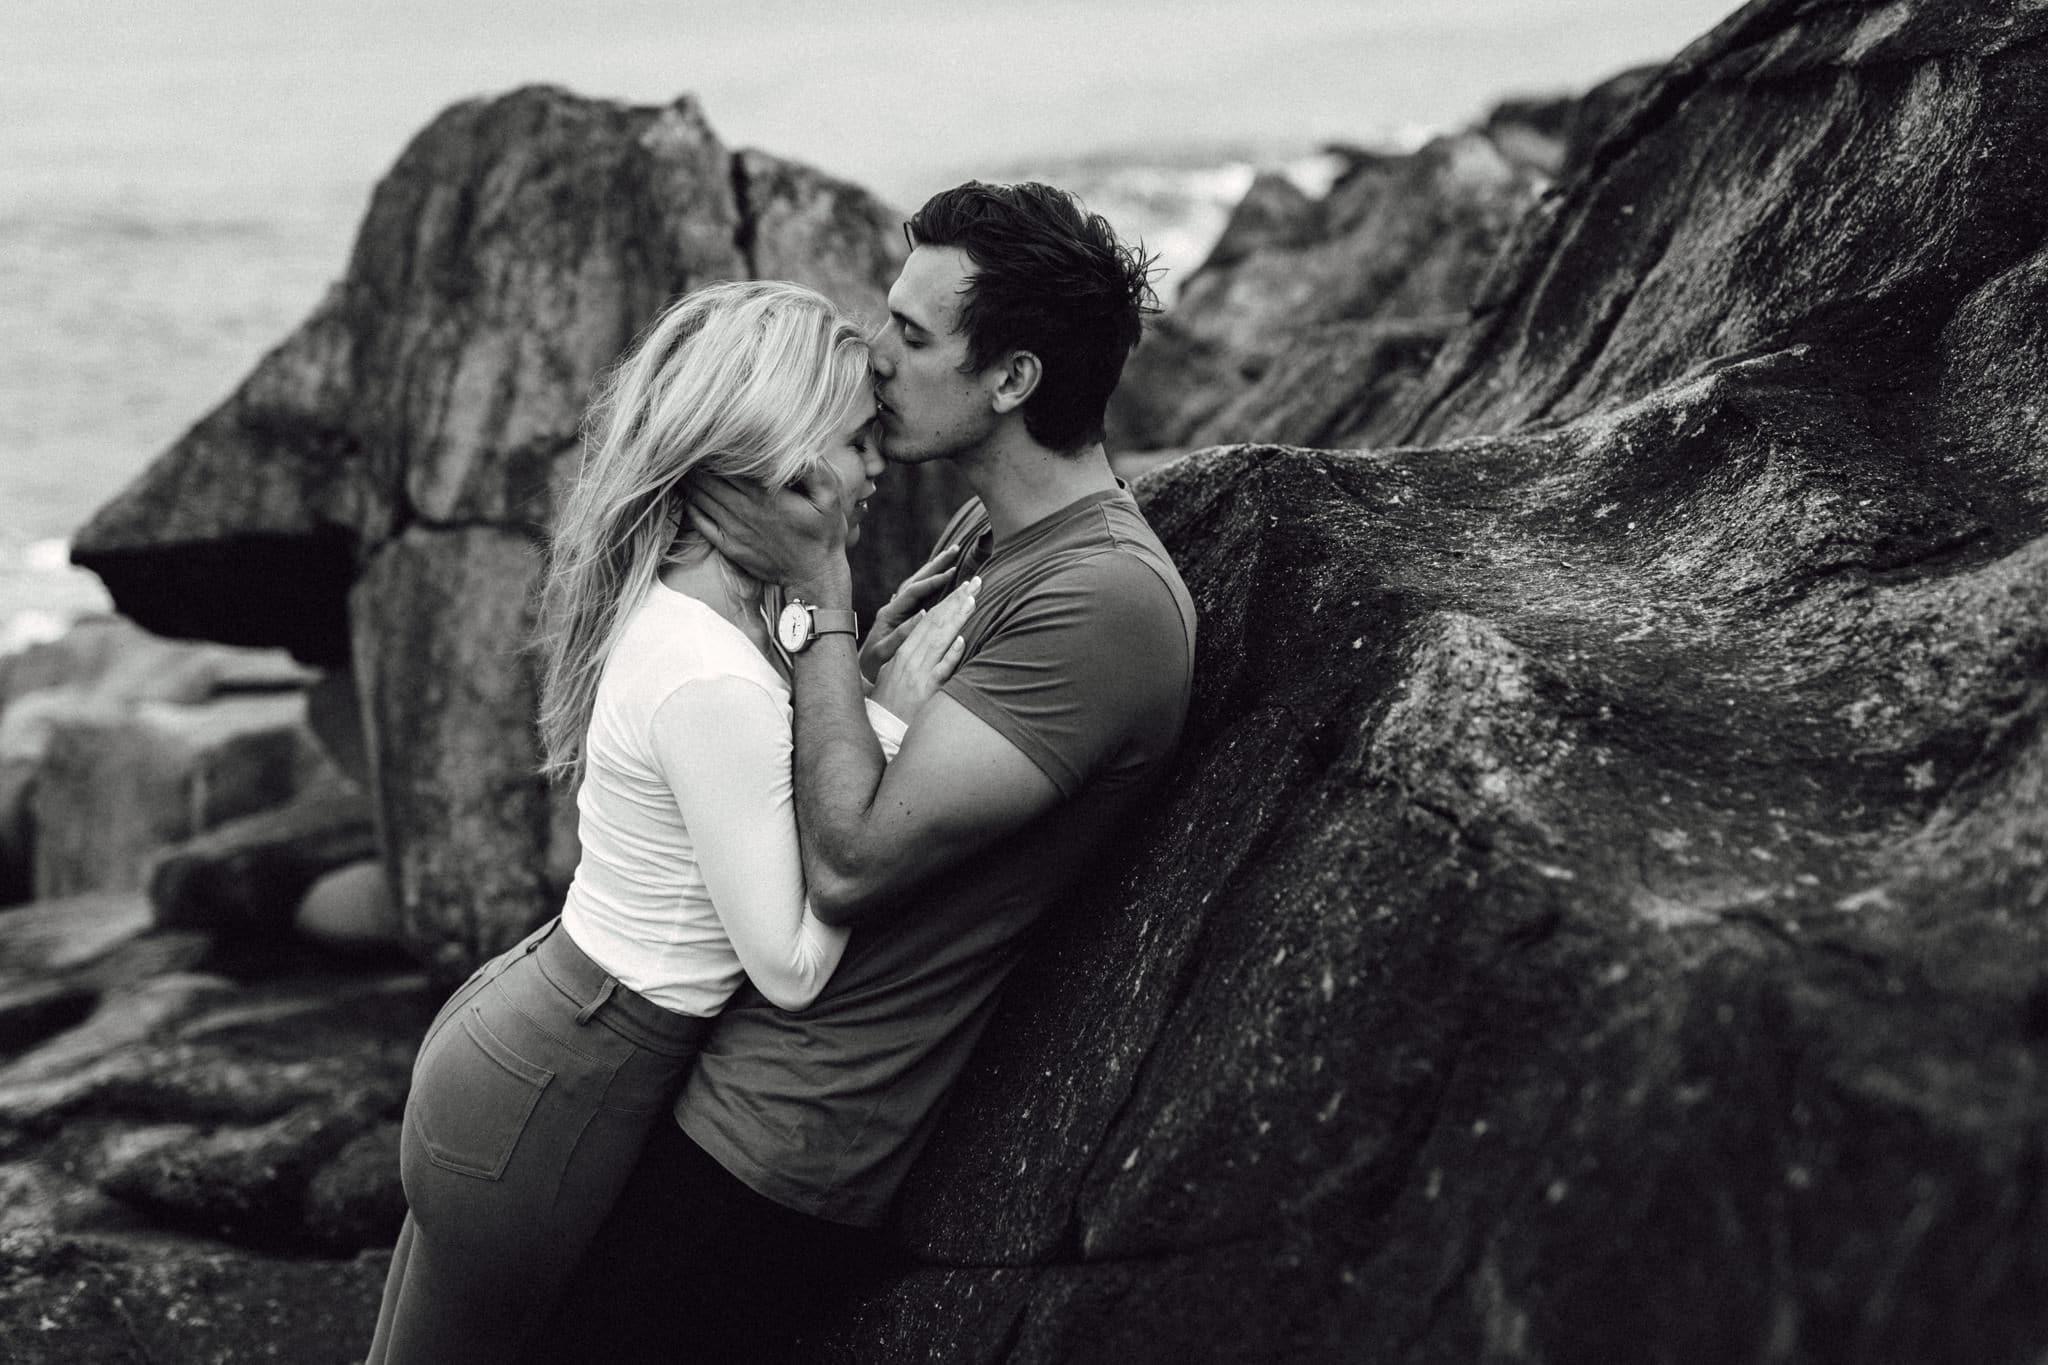 https://goodereader.com/blog/uploads/images/Romance-BW01-BA-1.jpg